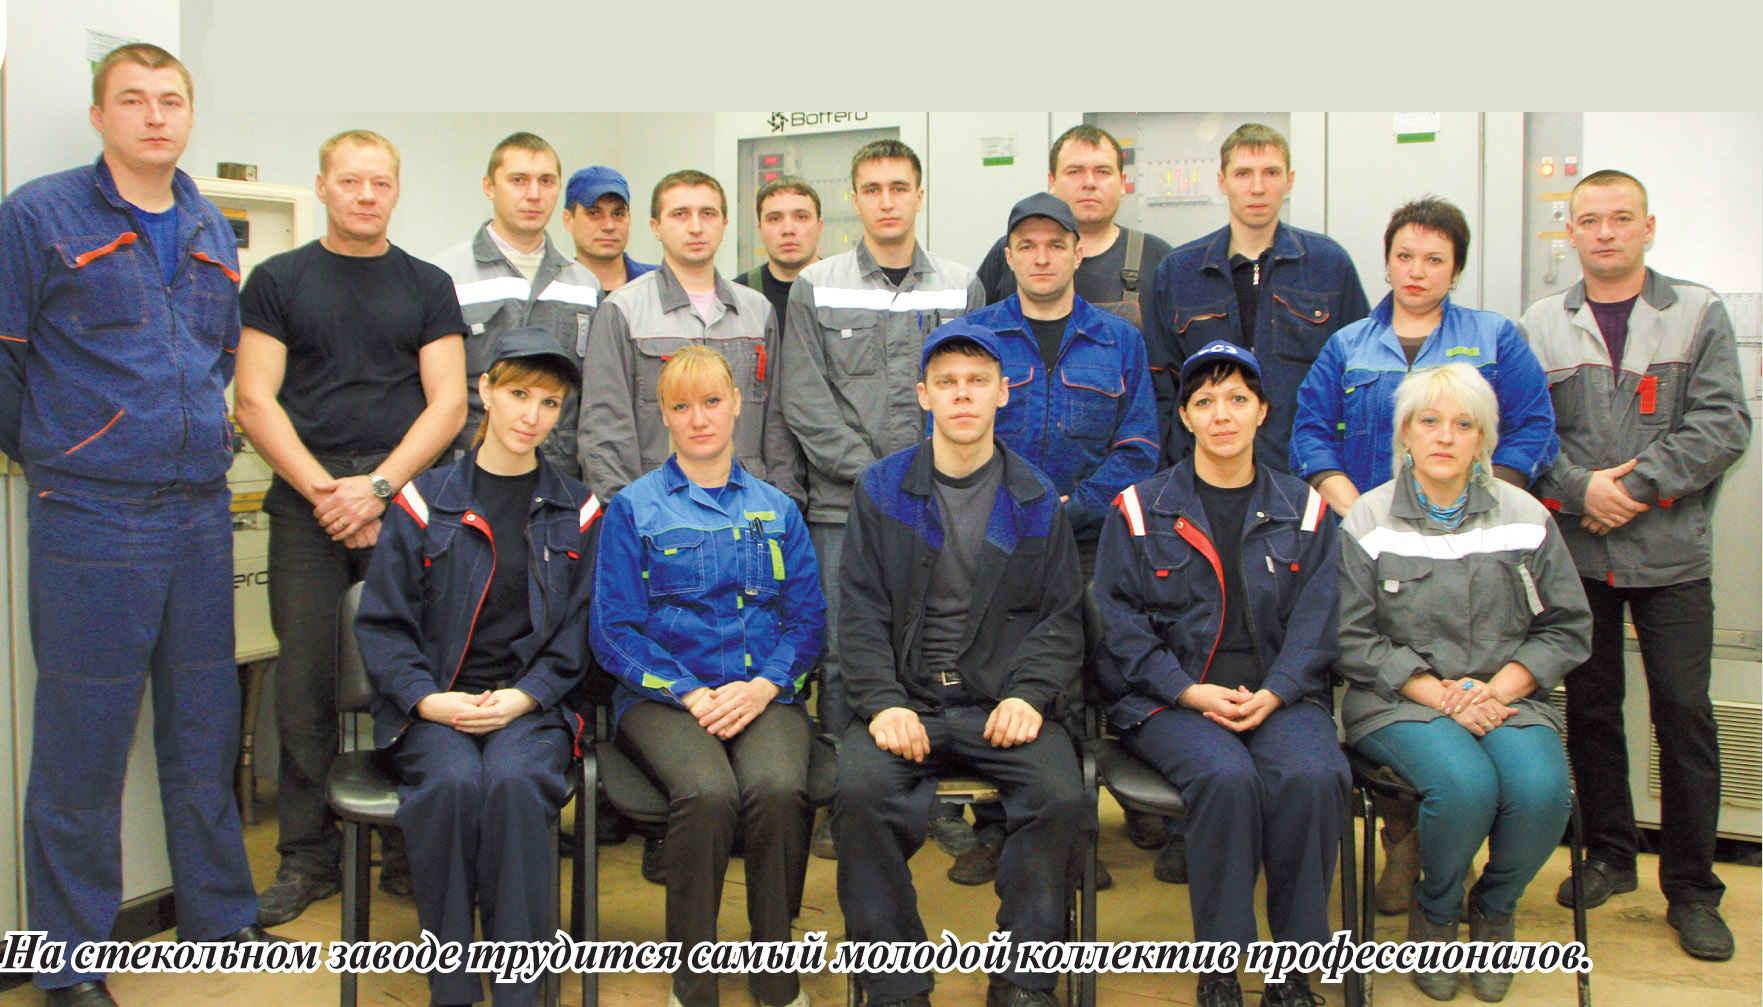 Рузаевка вакансии объявления, Работа без опыта в Рузаевке, 80 вакансий 8 фотография